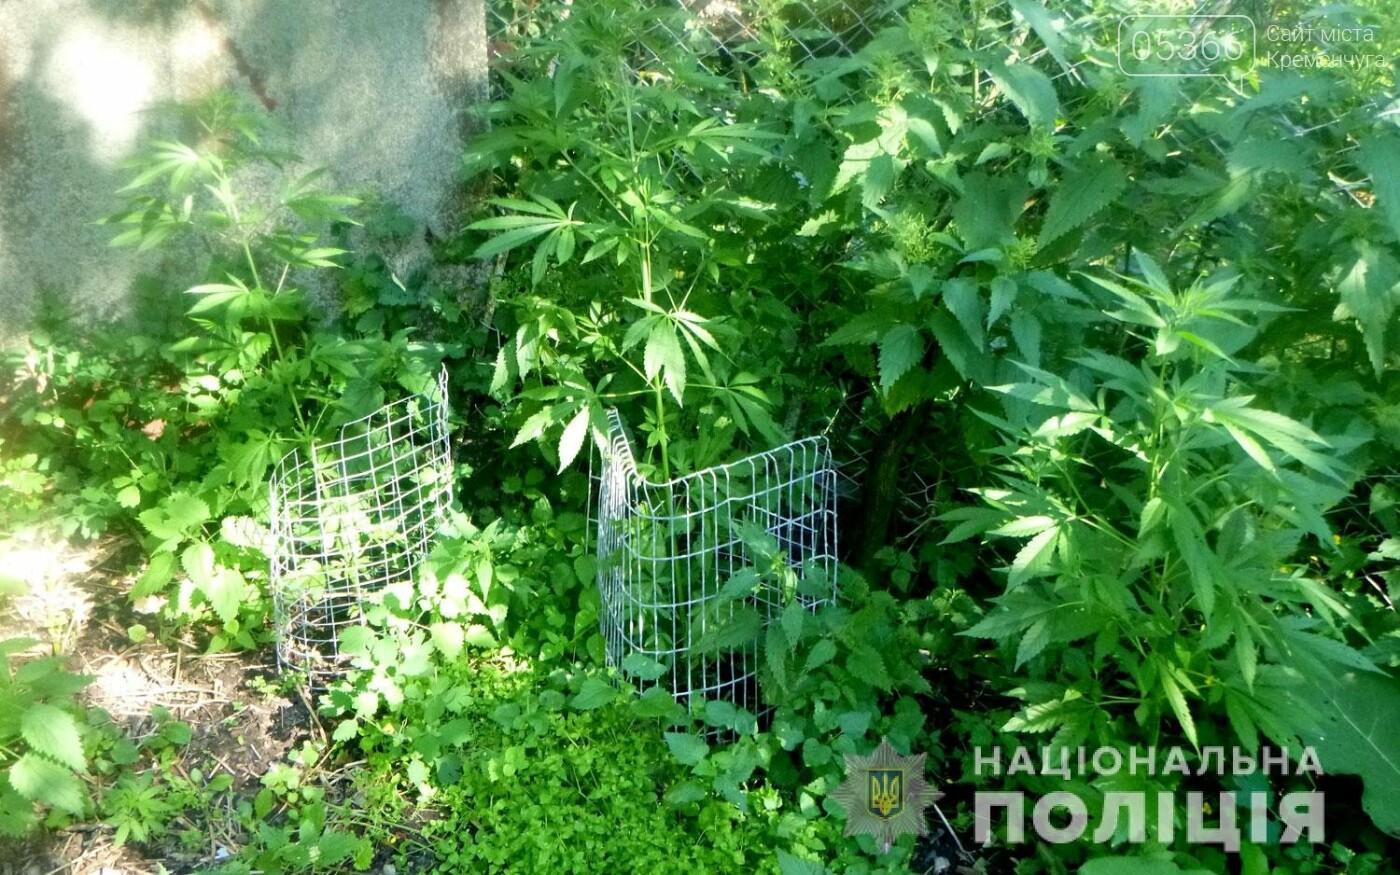 У чоловіка на Полтавщині знайшли кілька сотень конопель, фото-2